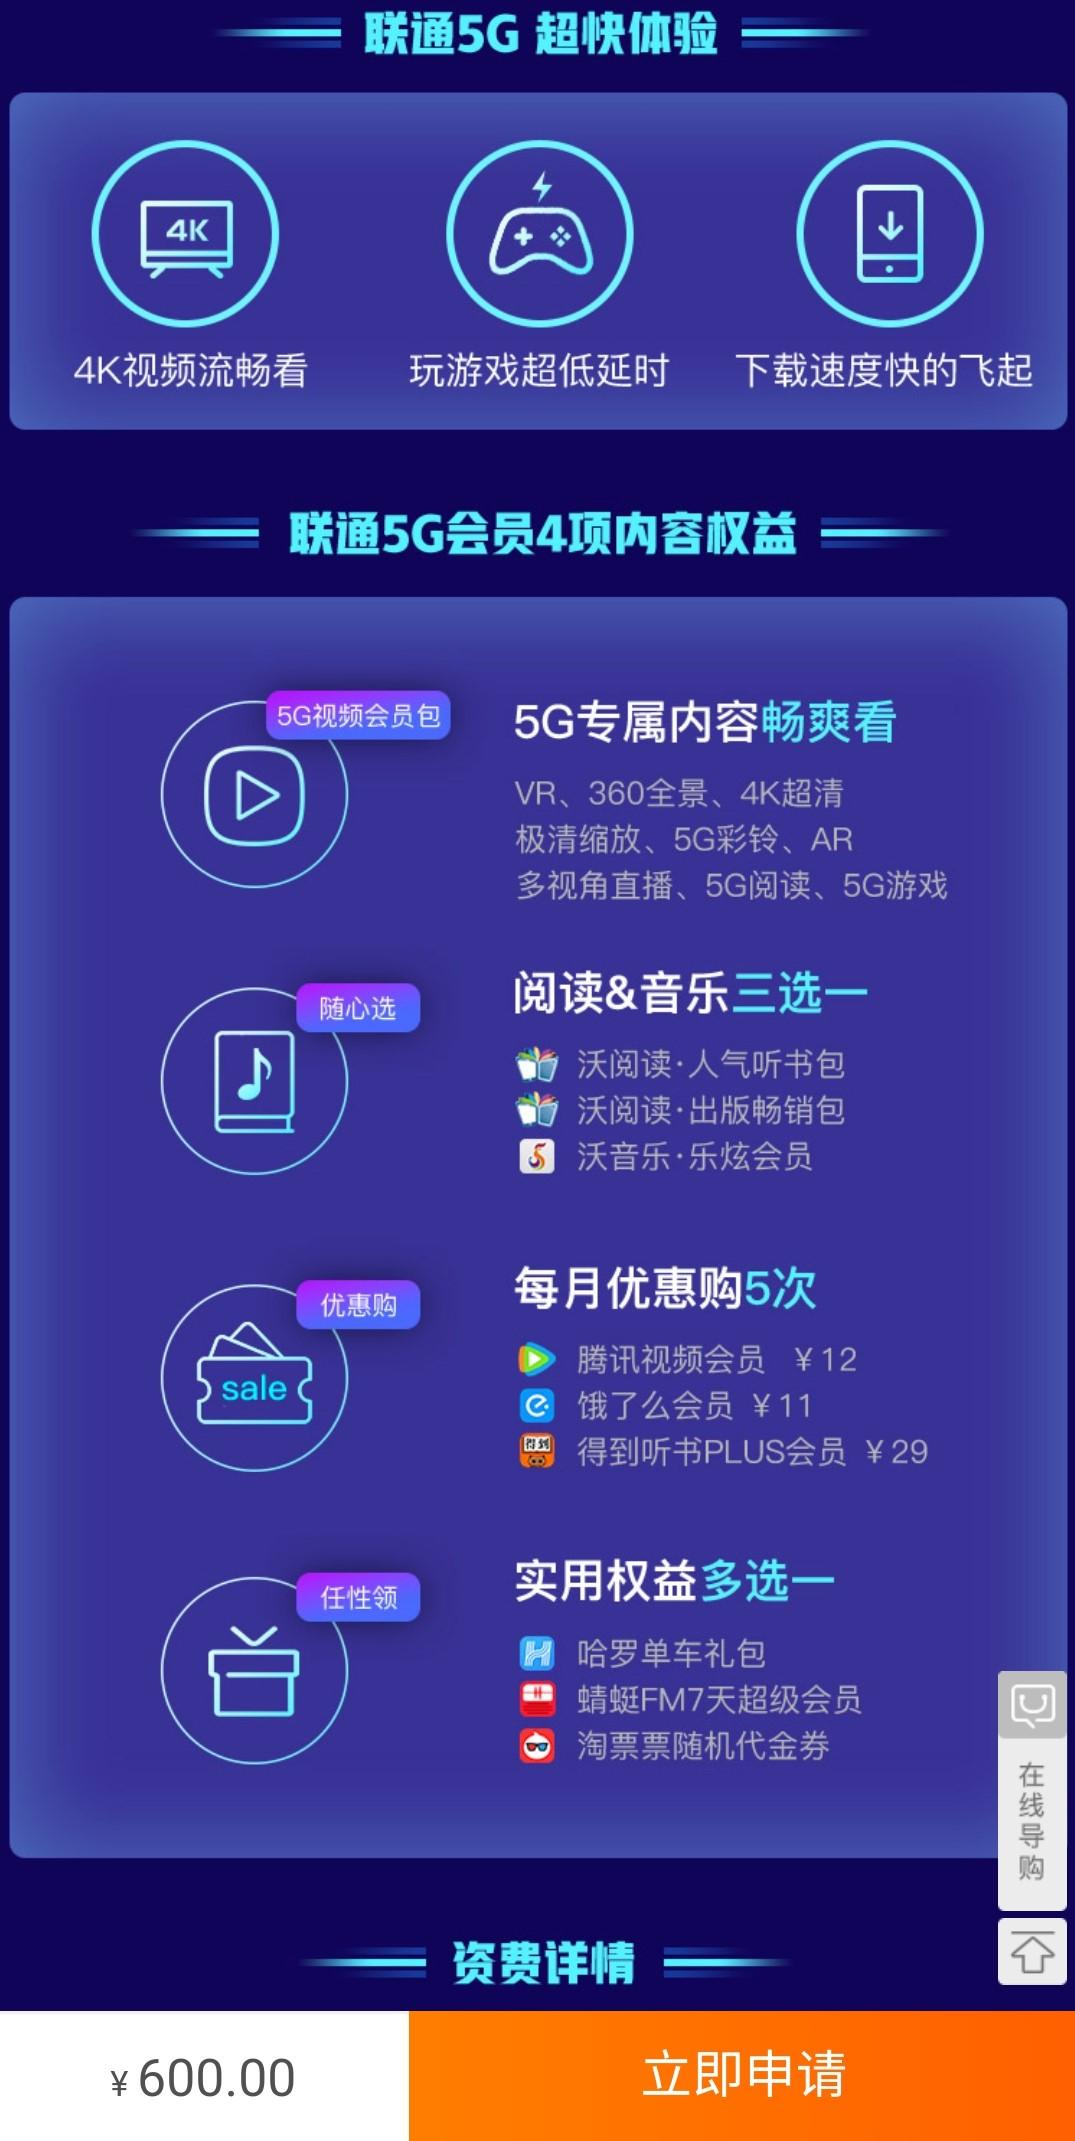 联通5G正式商用:129元起 老用户8折